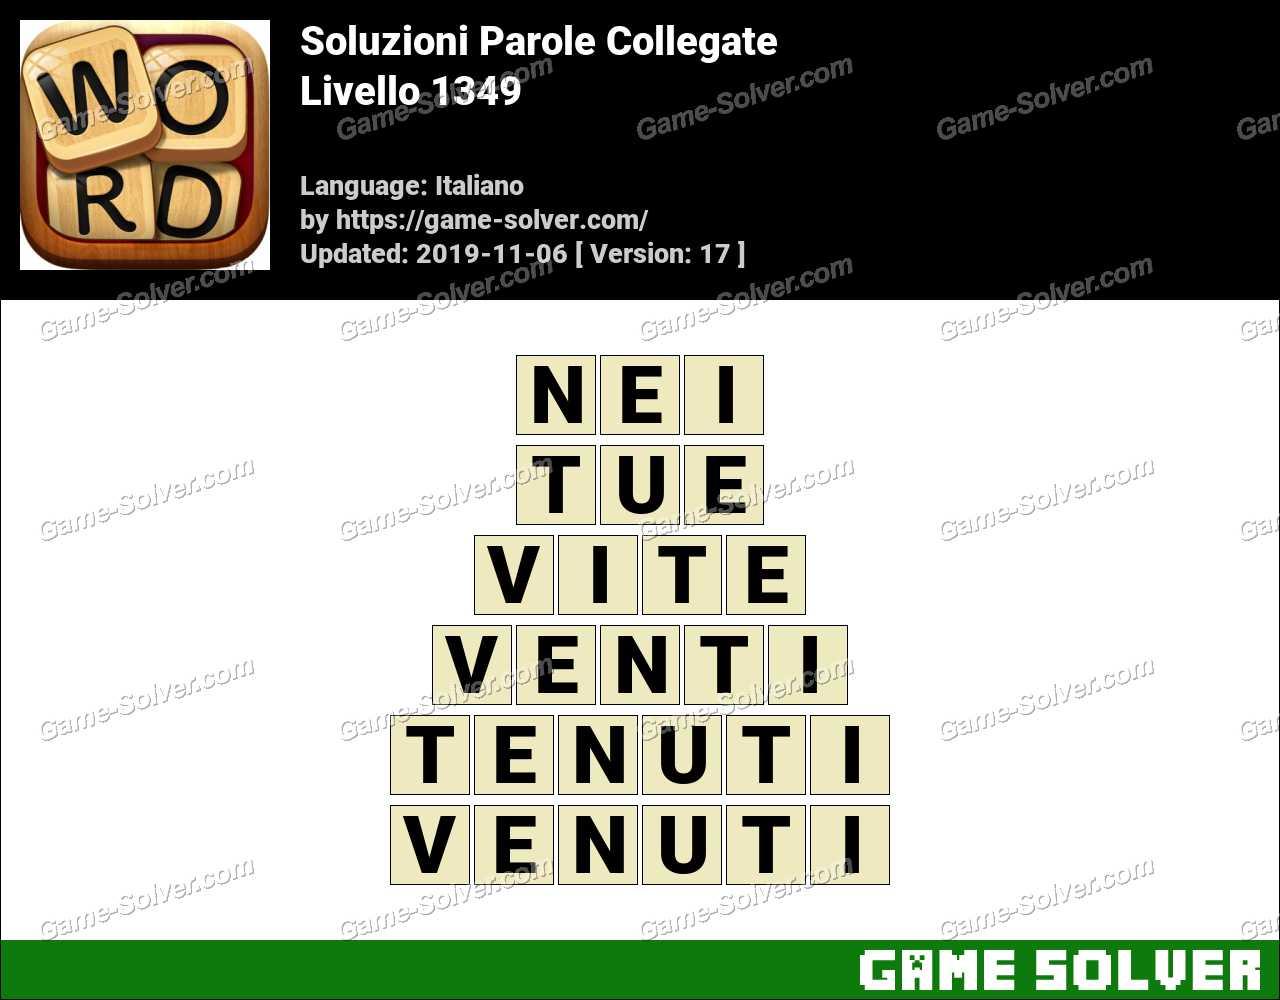 Soluzioni Parole Collegate Livello 1349